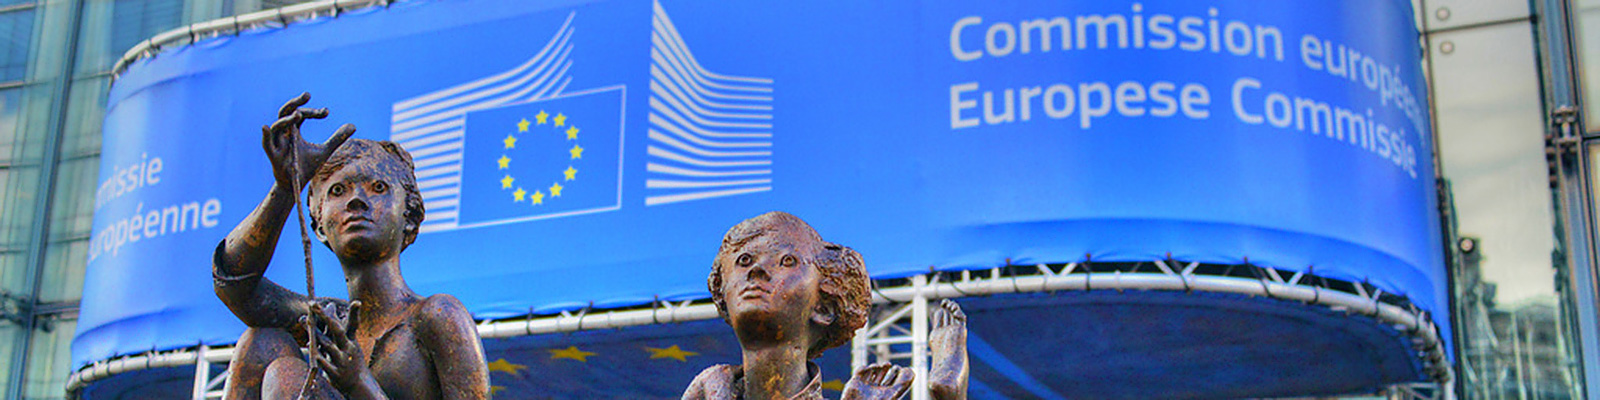 欧州委員会